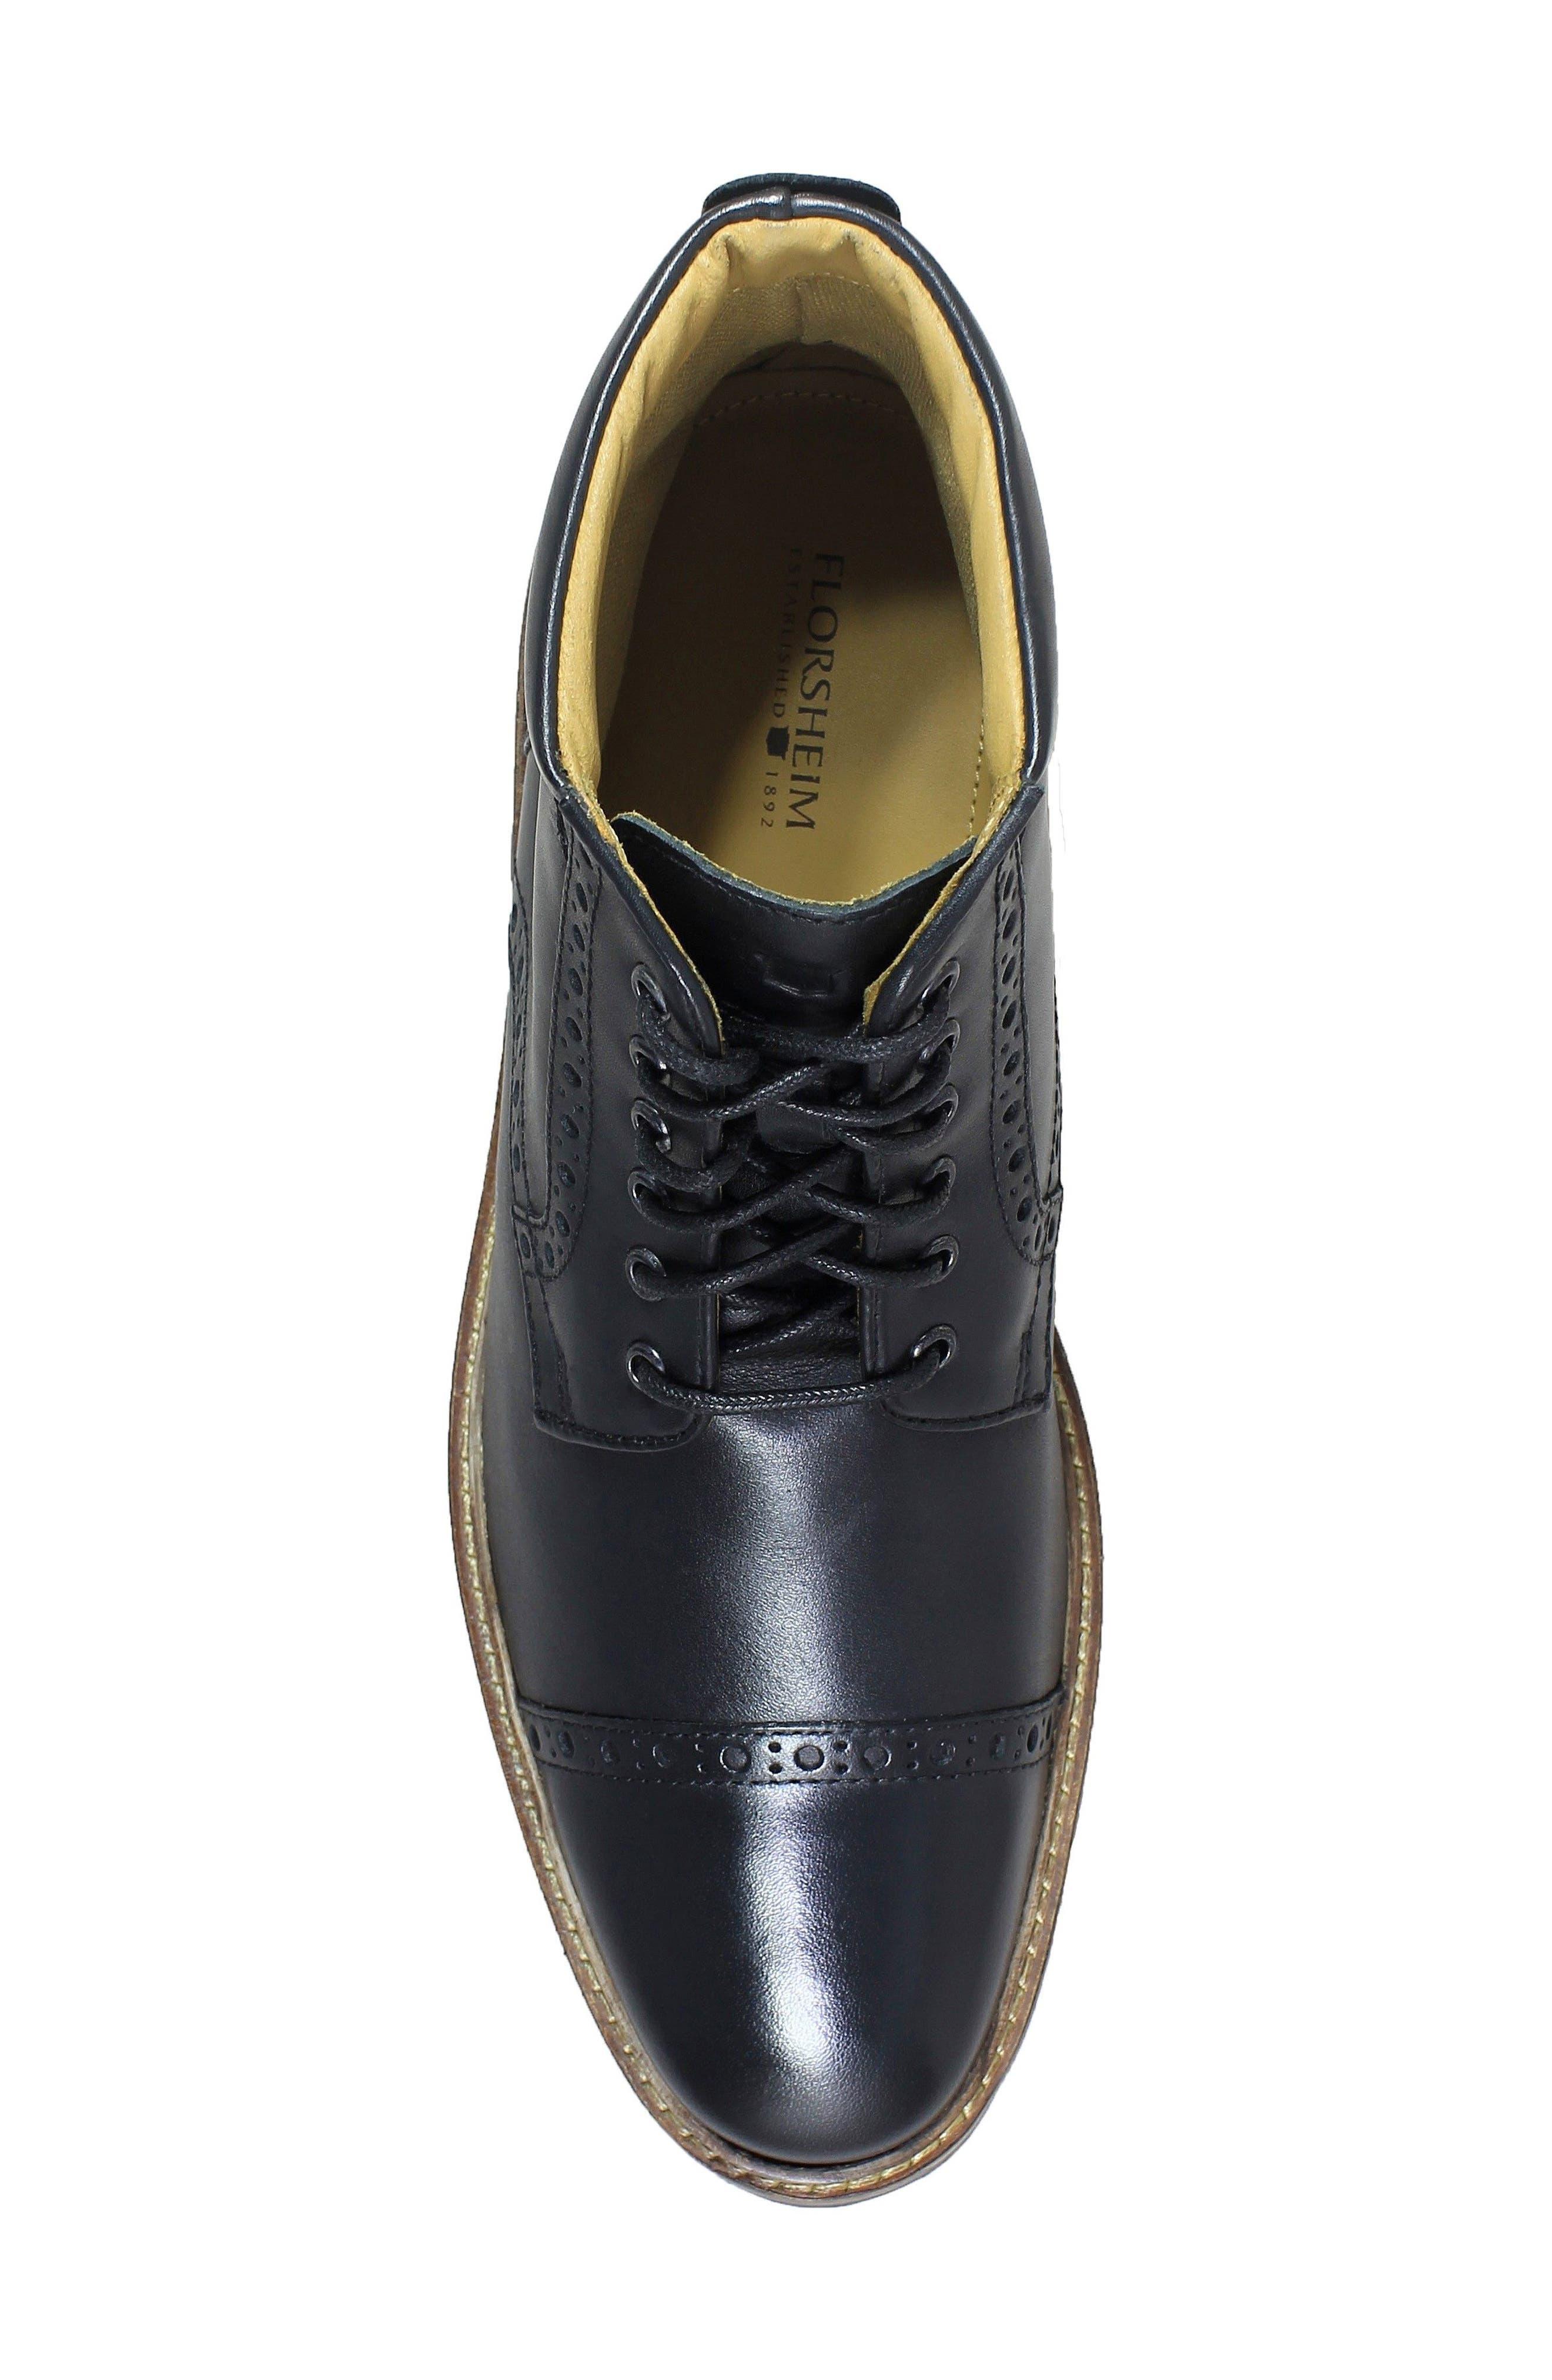 FLORSHEIM,                             Estabrook Cap Toe Boot,                             Alternate thumbnail 5, color,                             BLACK LEATHER